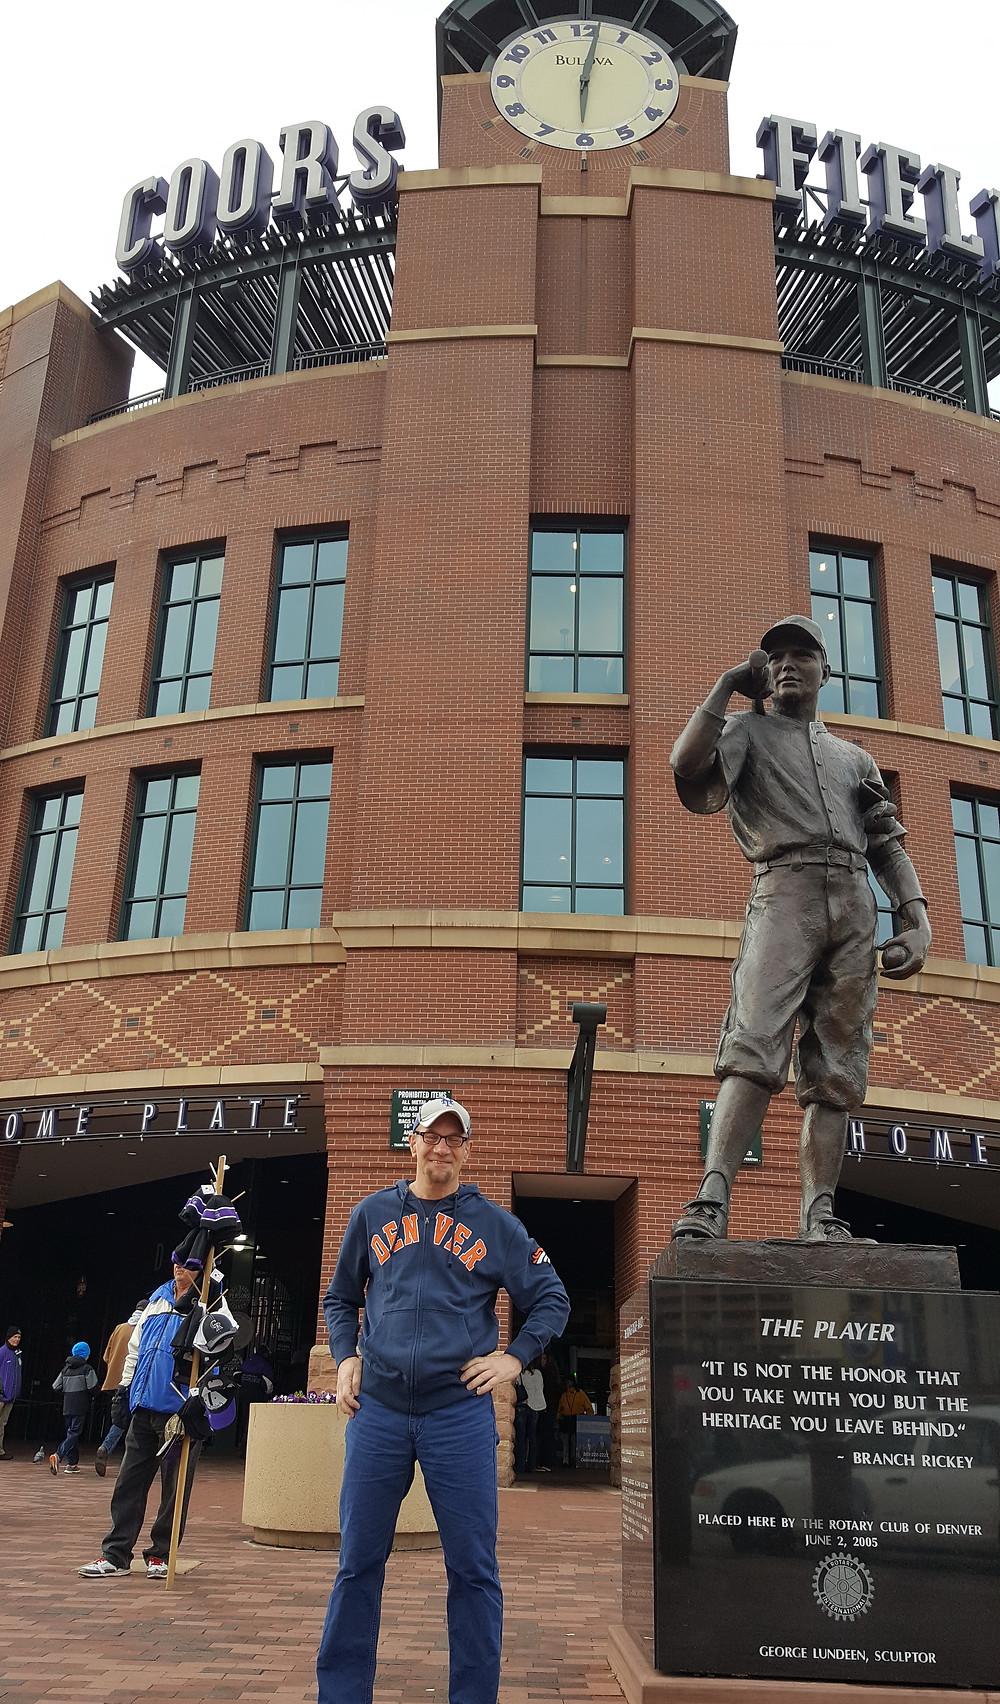 Stadium Review - Coors Field - Denver